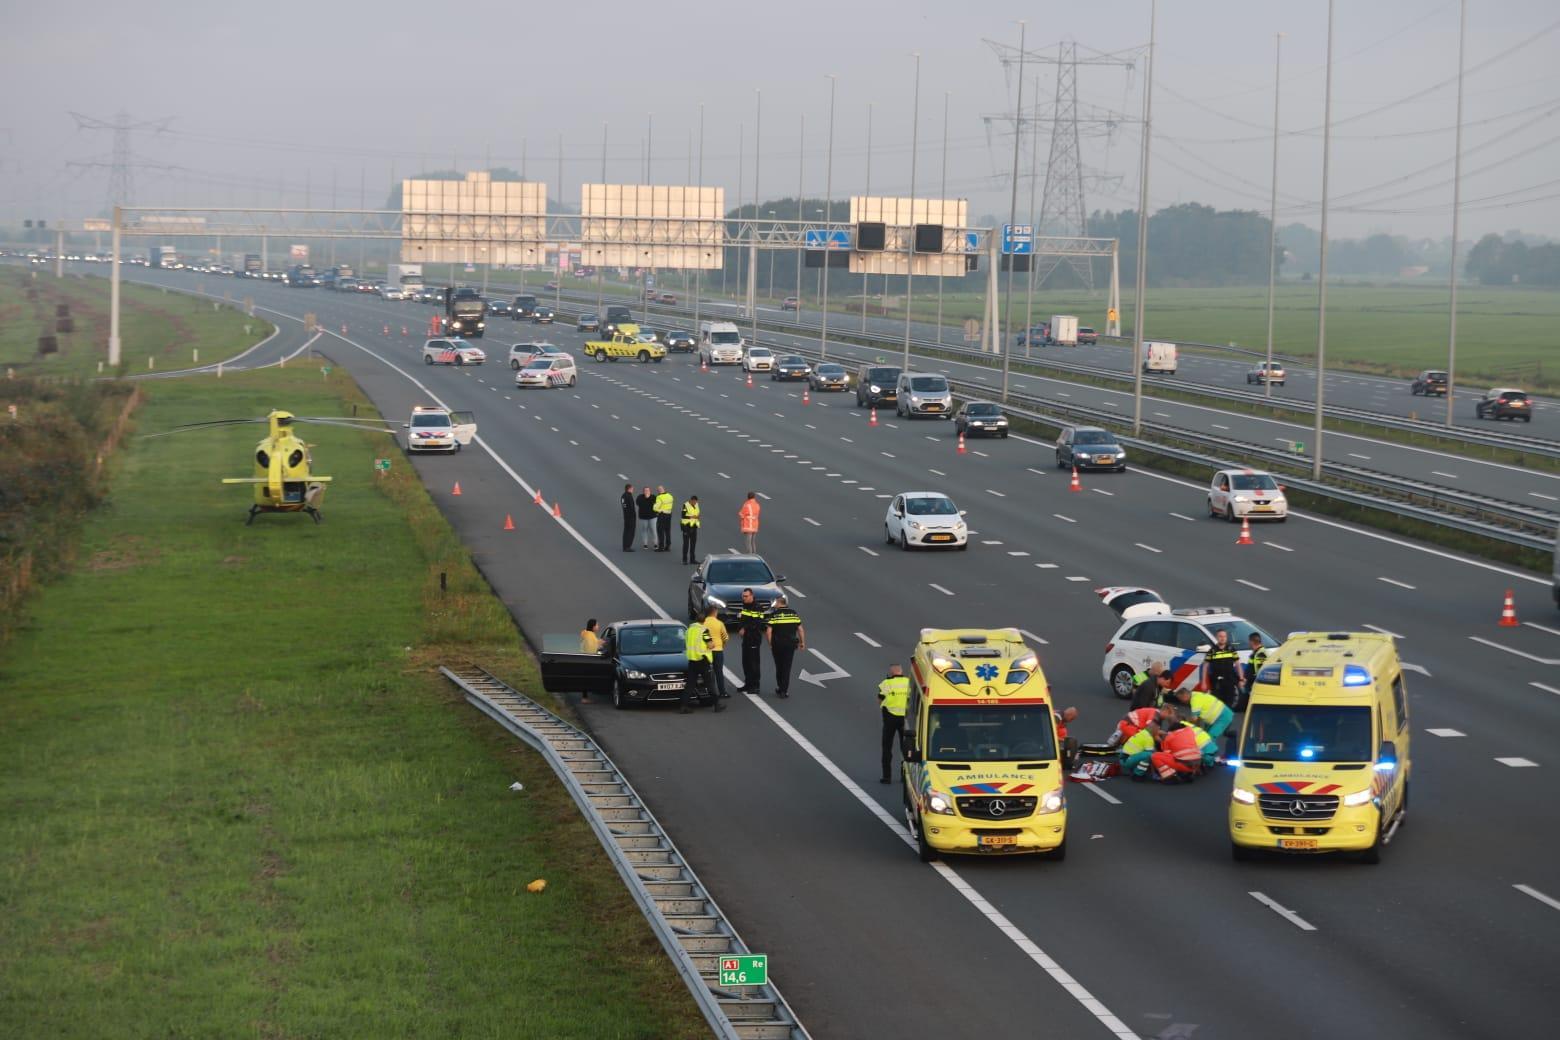 Zwaargewonde bij ongeluk op de A1 bij Muiderberg, traumahelikopter ingezet